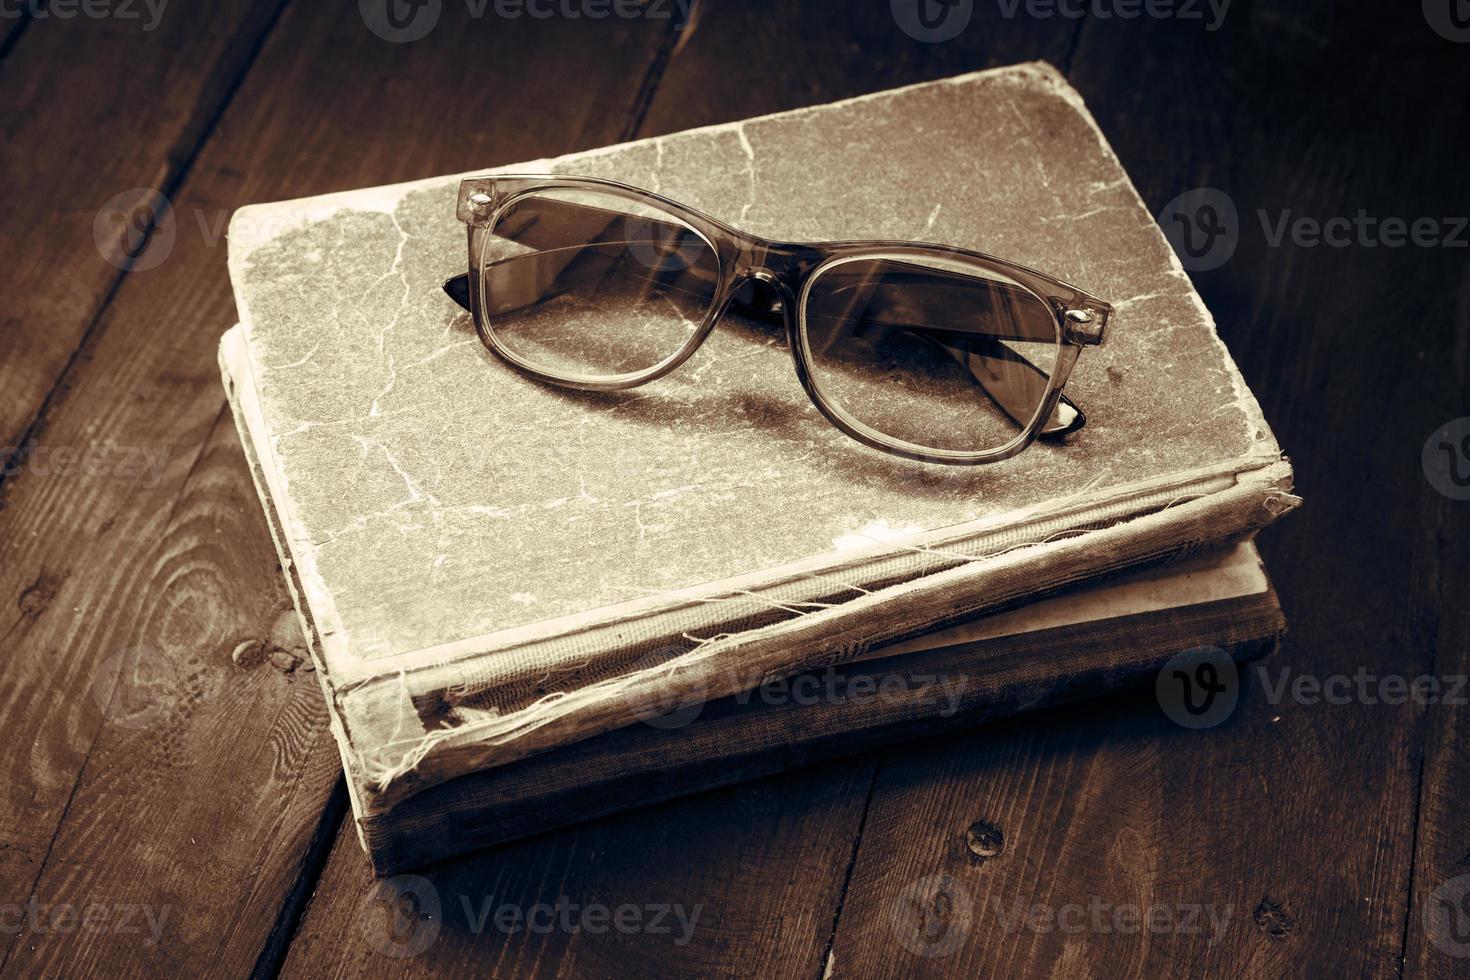 lunettes de lecture vintage sur la pile de livres photo